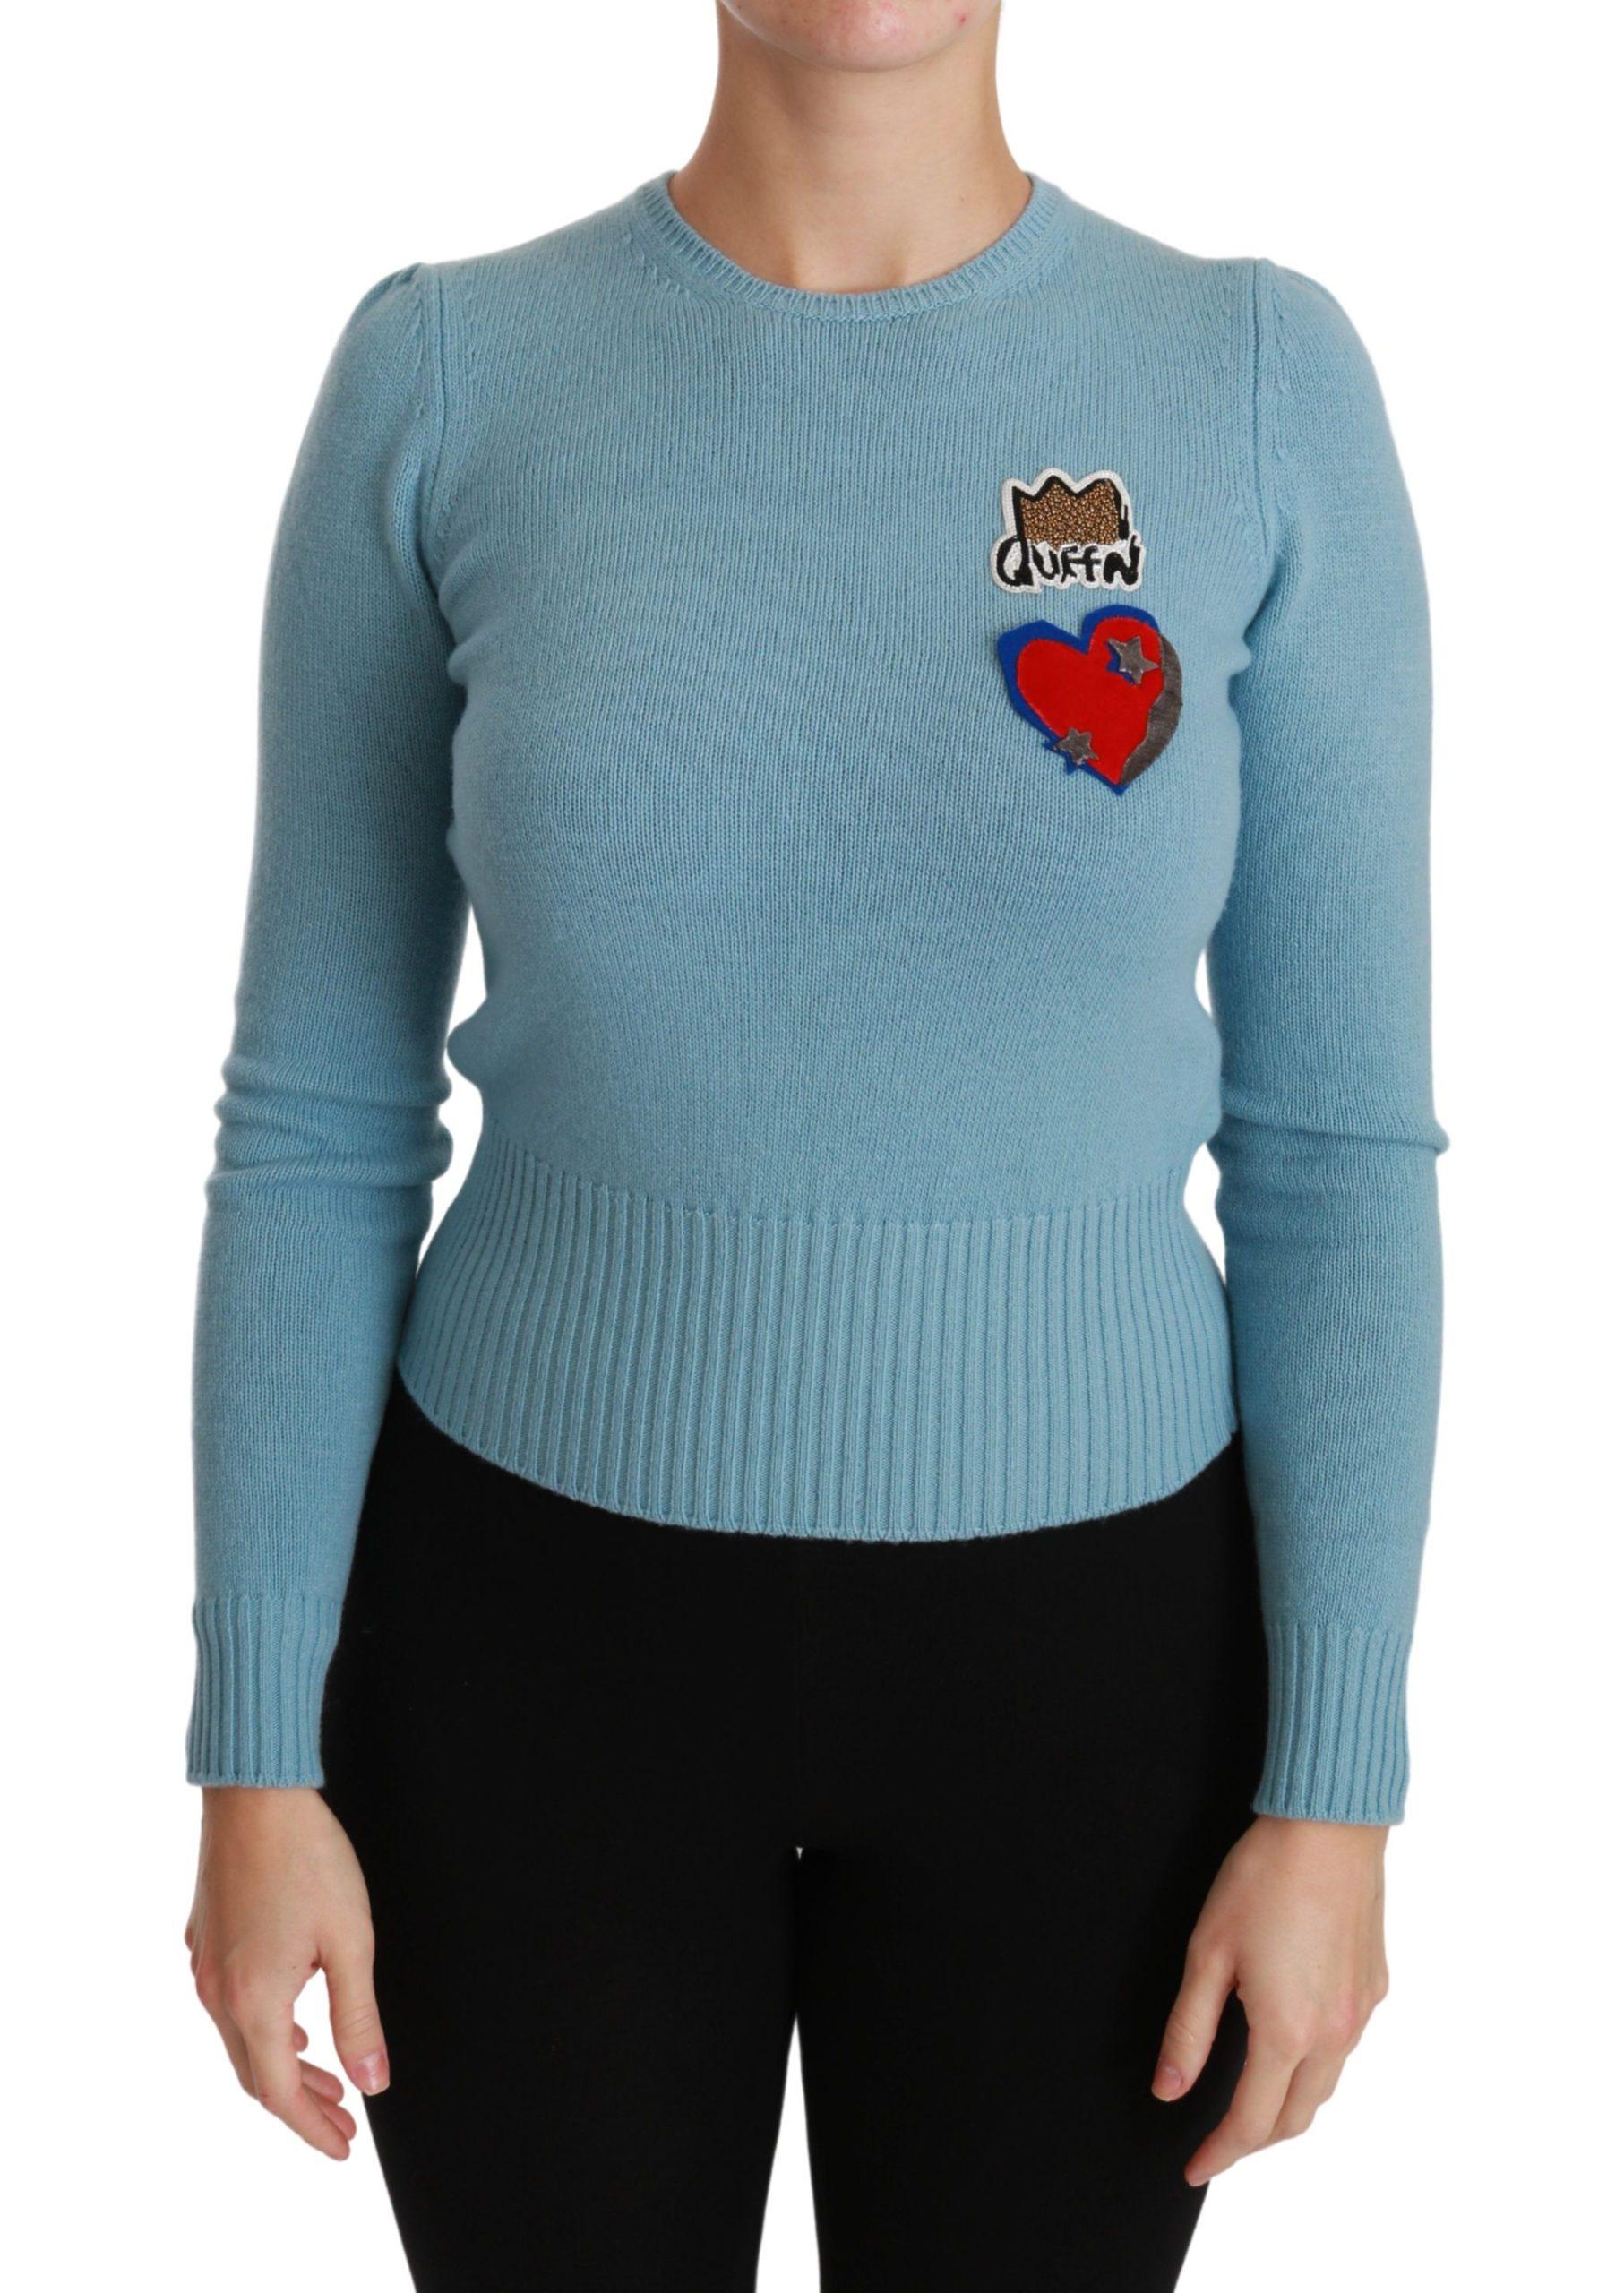 Dolce & Gabbana Women's Wool Queen Heart Pullover Sweater Blue TSH4416 - IT36 | XS